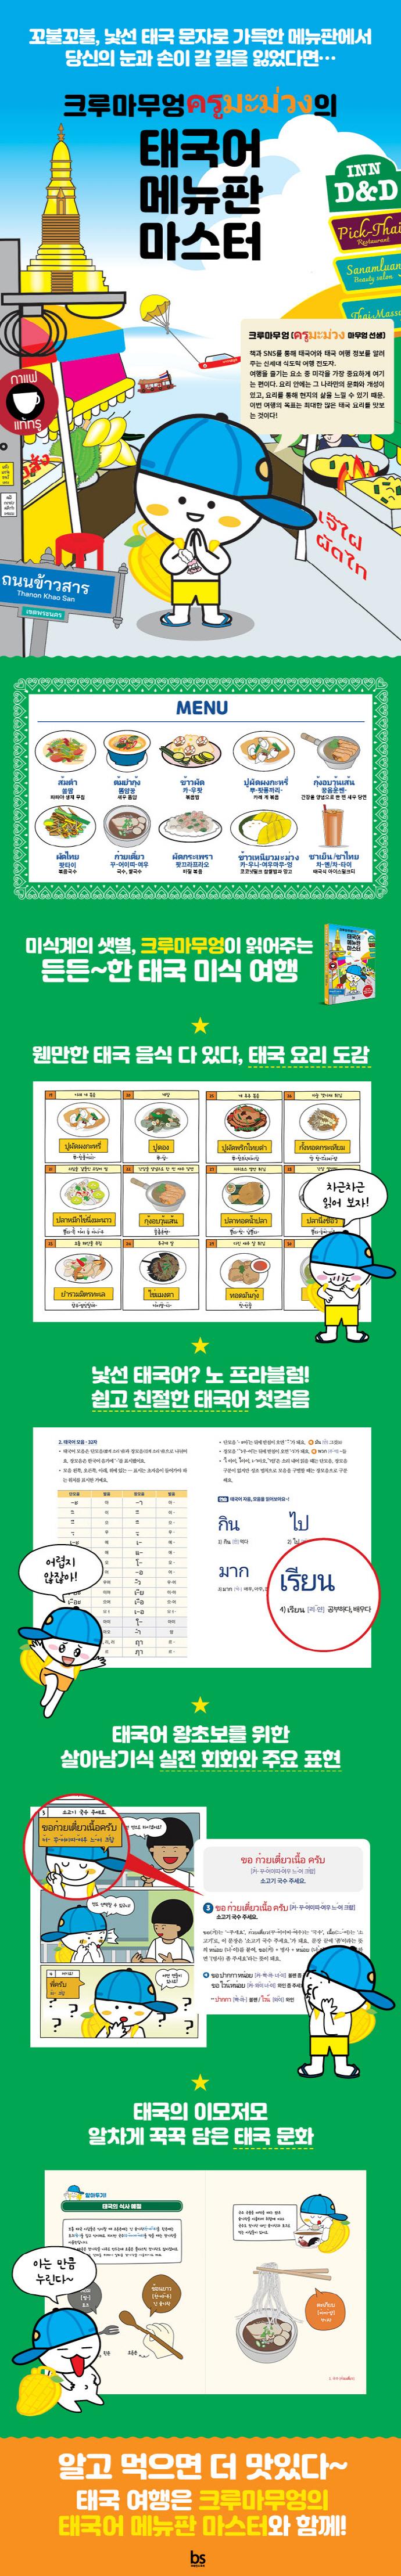 크루마무엉의 태국어 메뉴판 마스터 도서 상세이미지